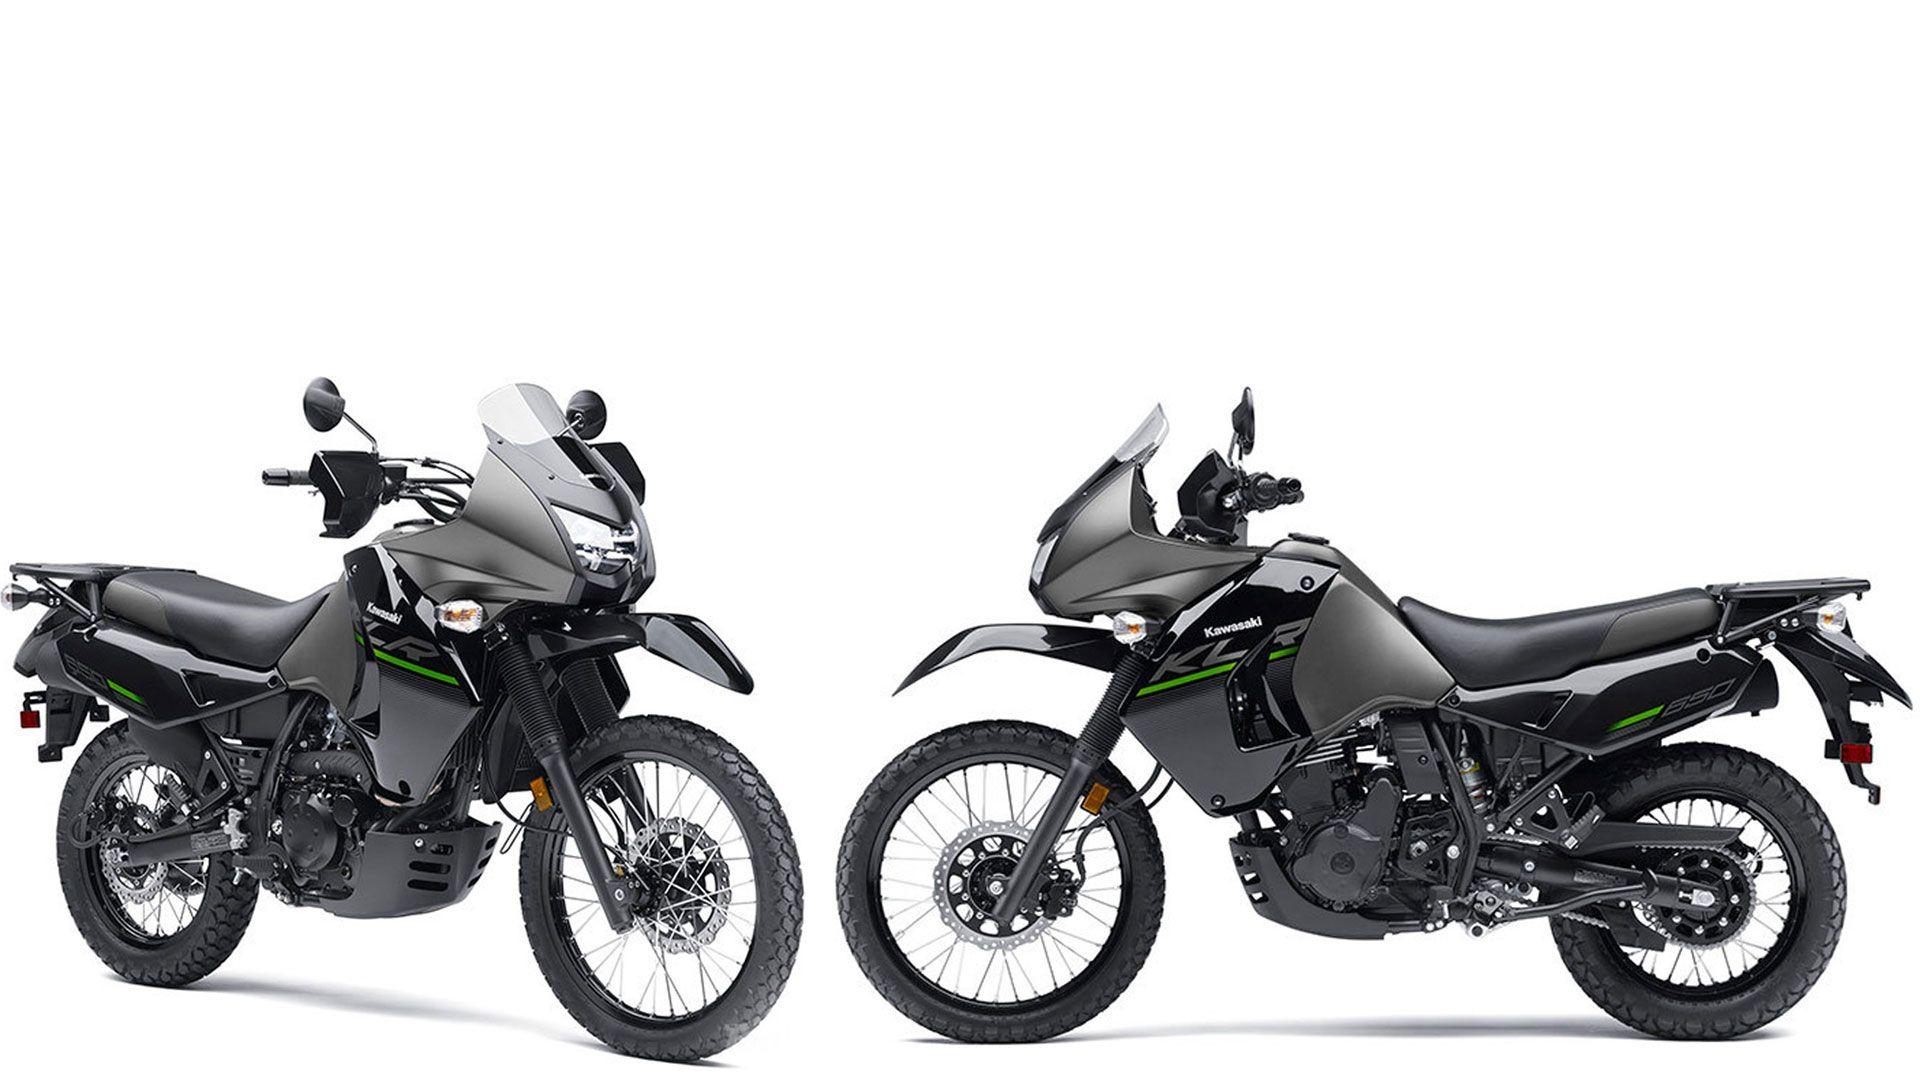 Kawasaki KLR 650 Special Edition 2014 used 2014 Kawasaki